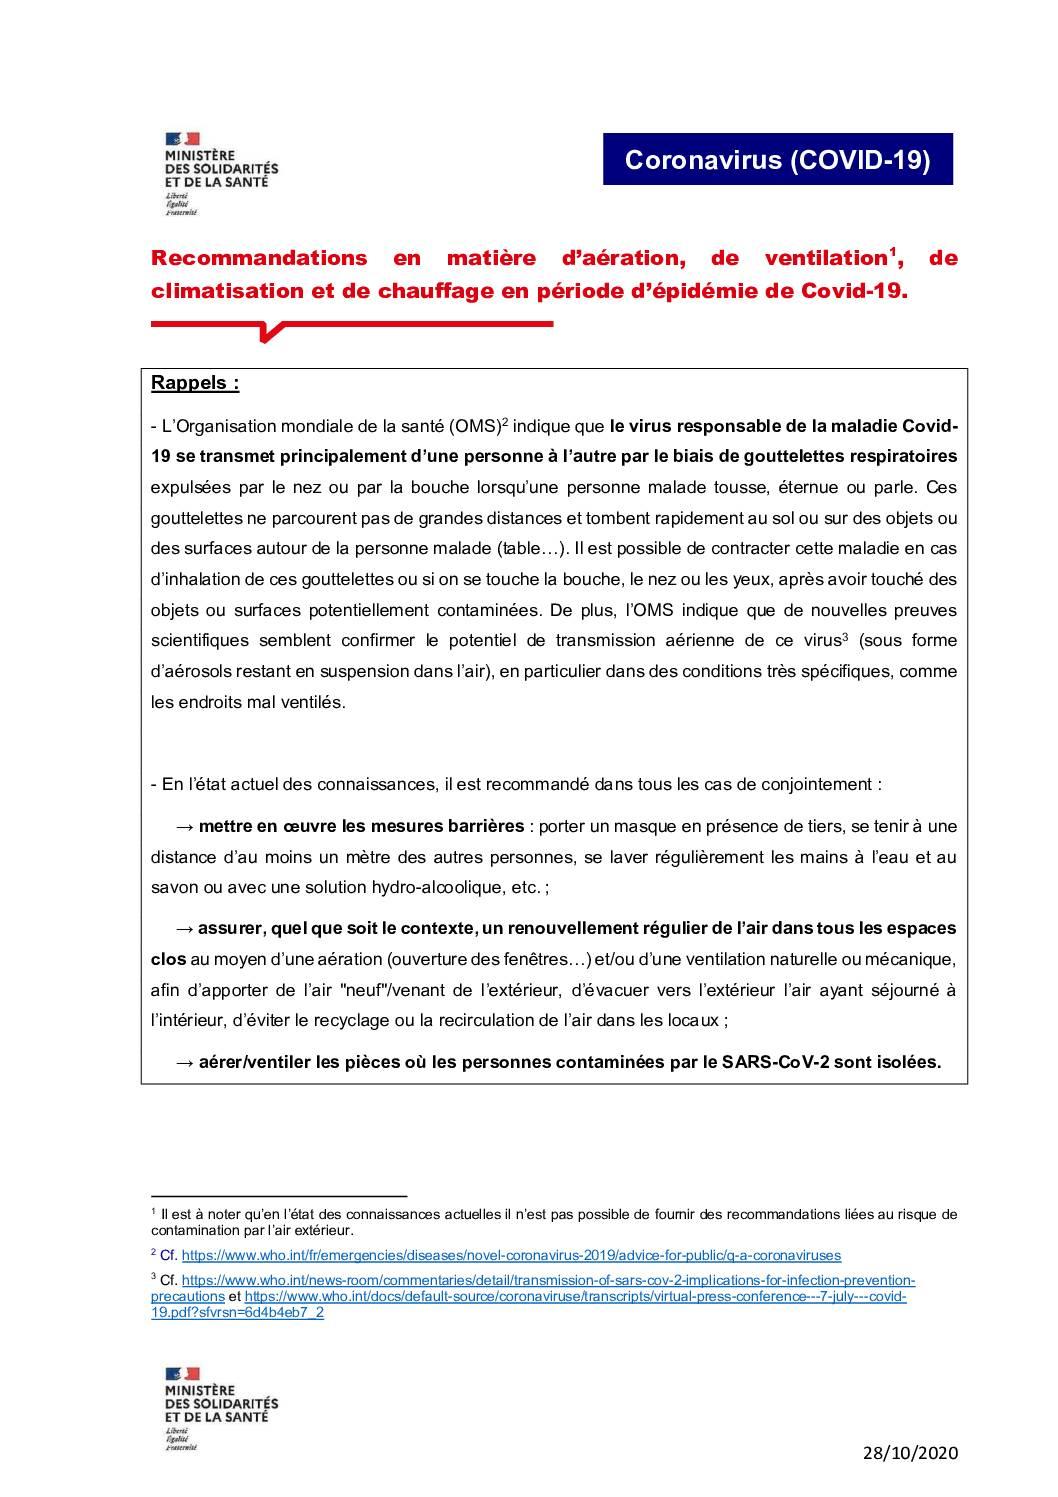 Recommandations en matière d'aération, de ventilation1, de climatisation et de chauffage en période d'épidémie de Covid-19